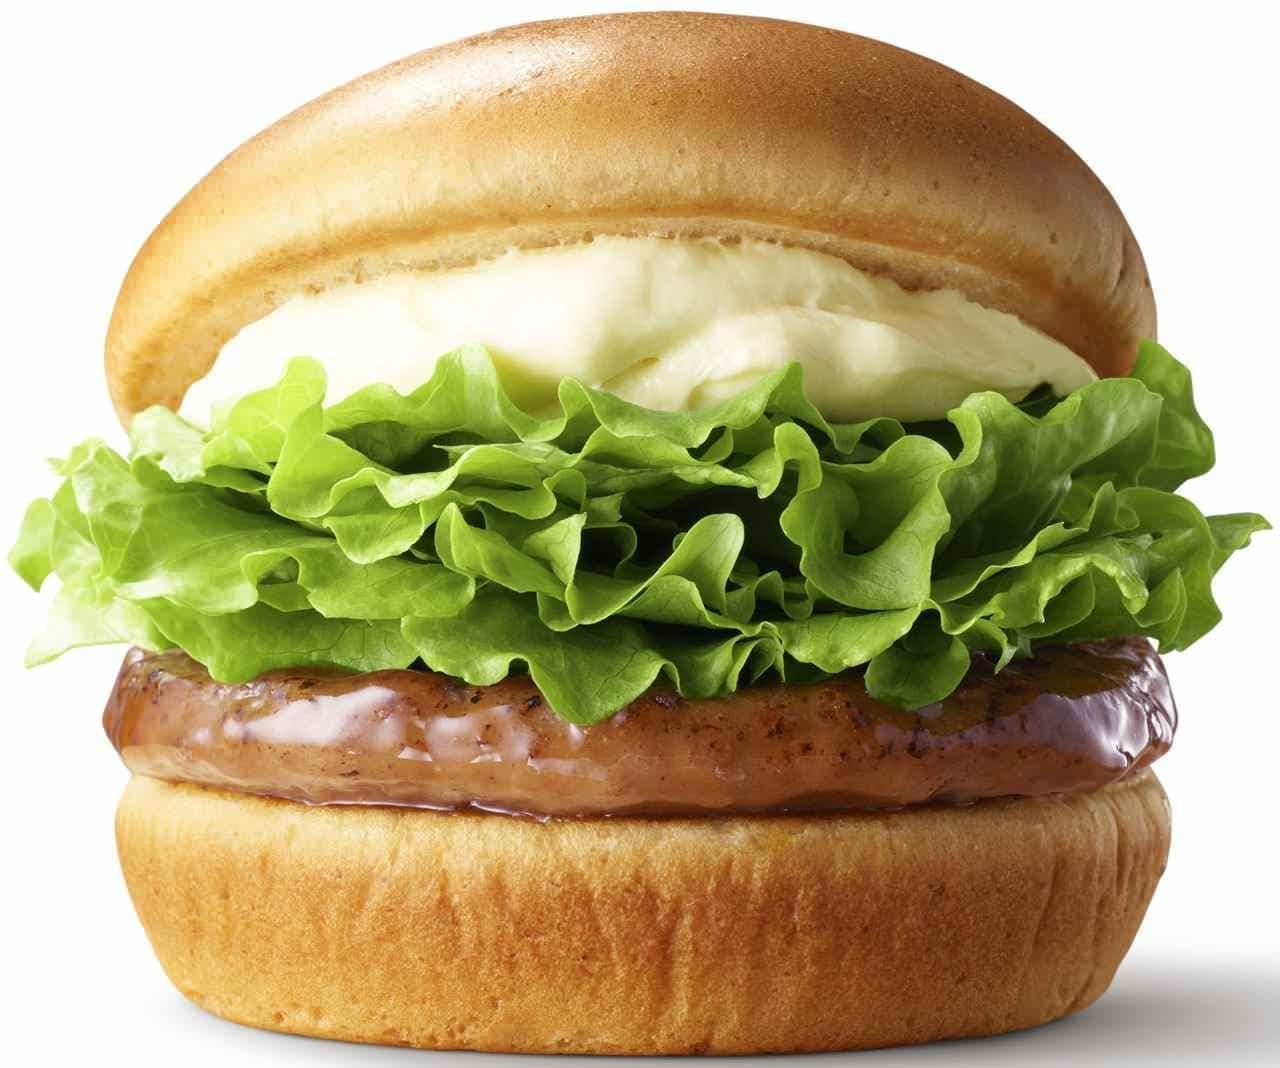 モスバーガー「クリームチーズテリヤキバーガー」